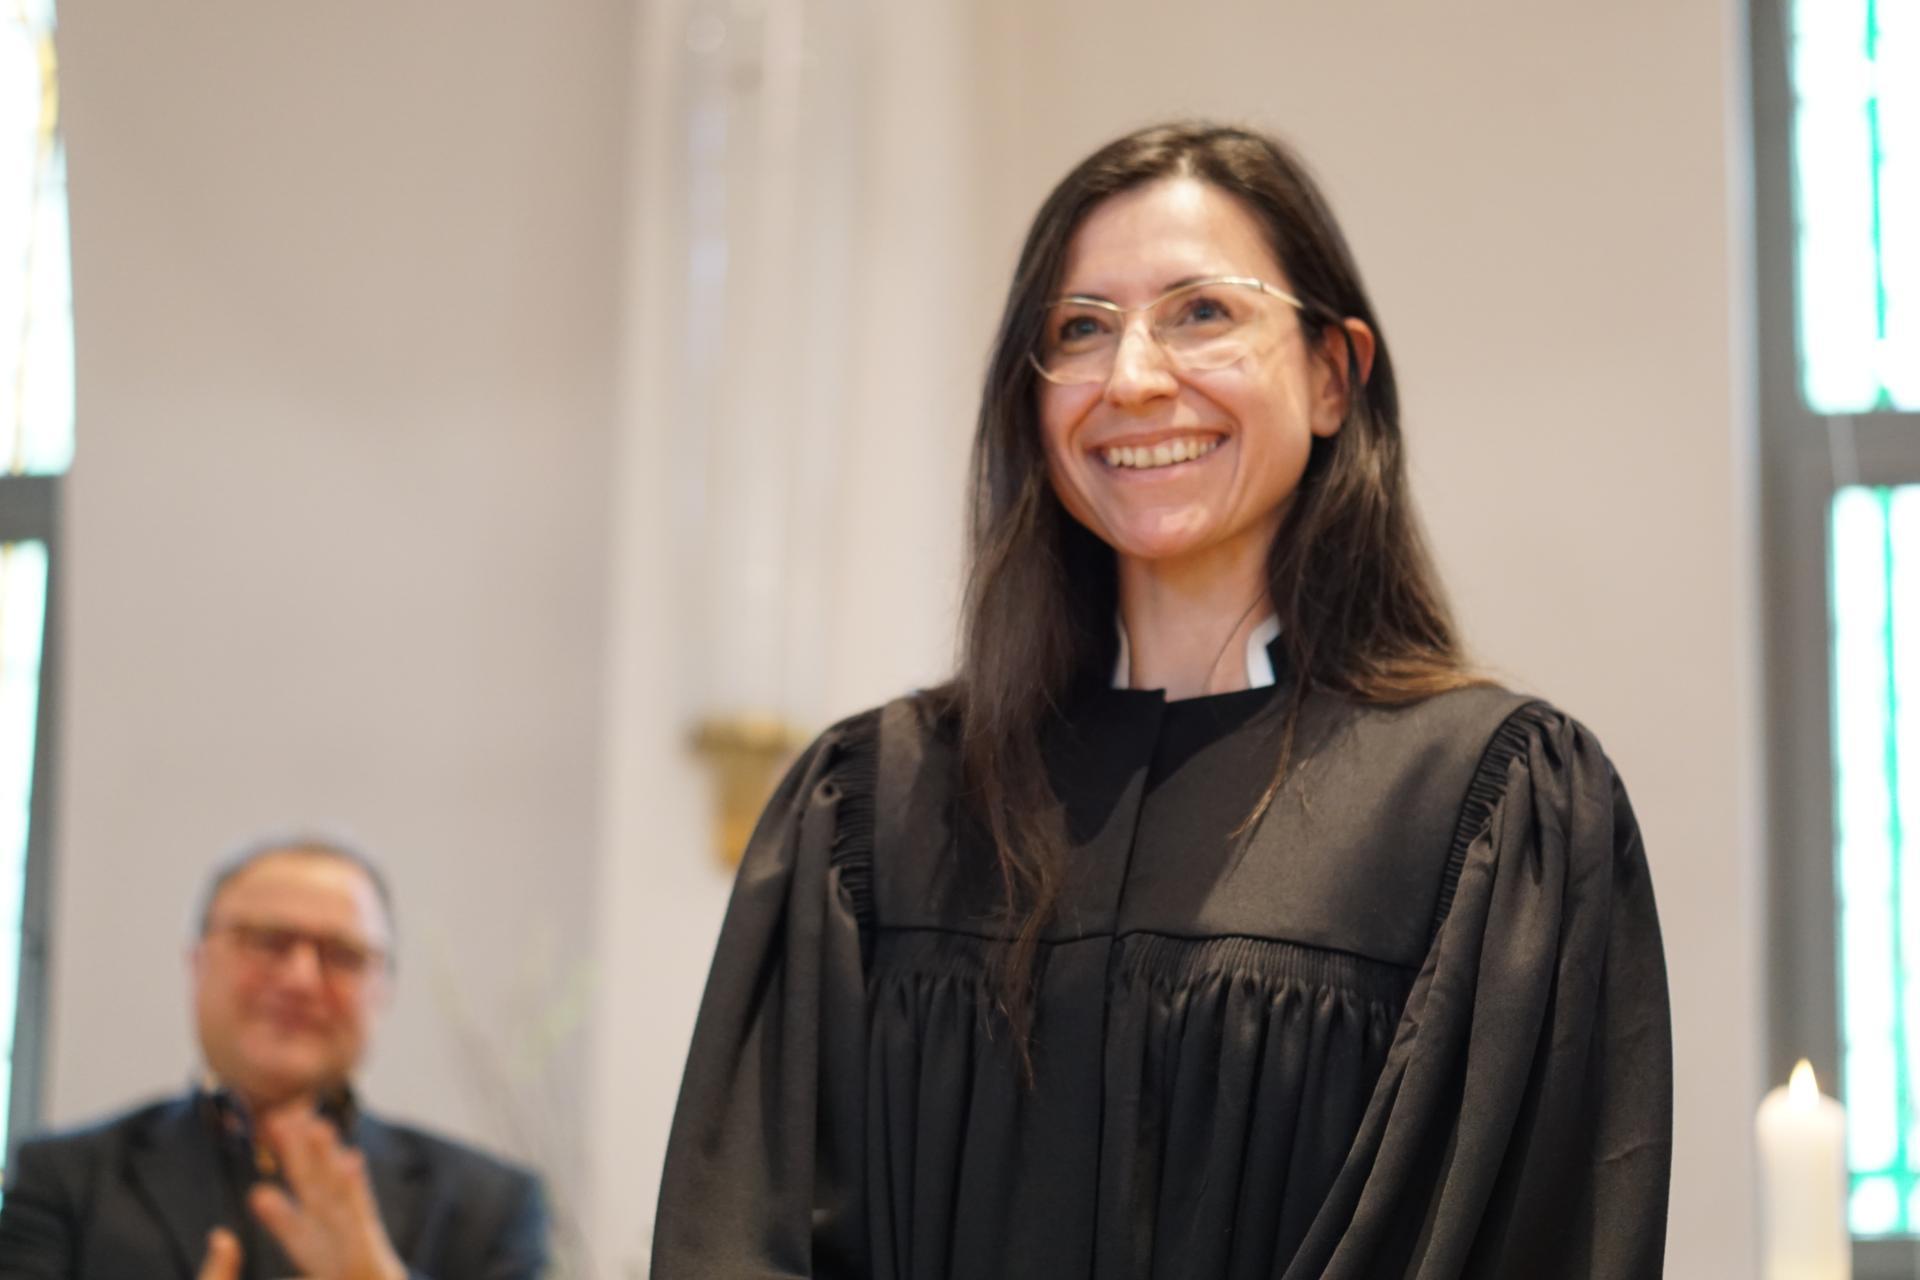 Pfarrerin Marquardt